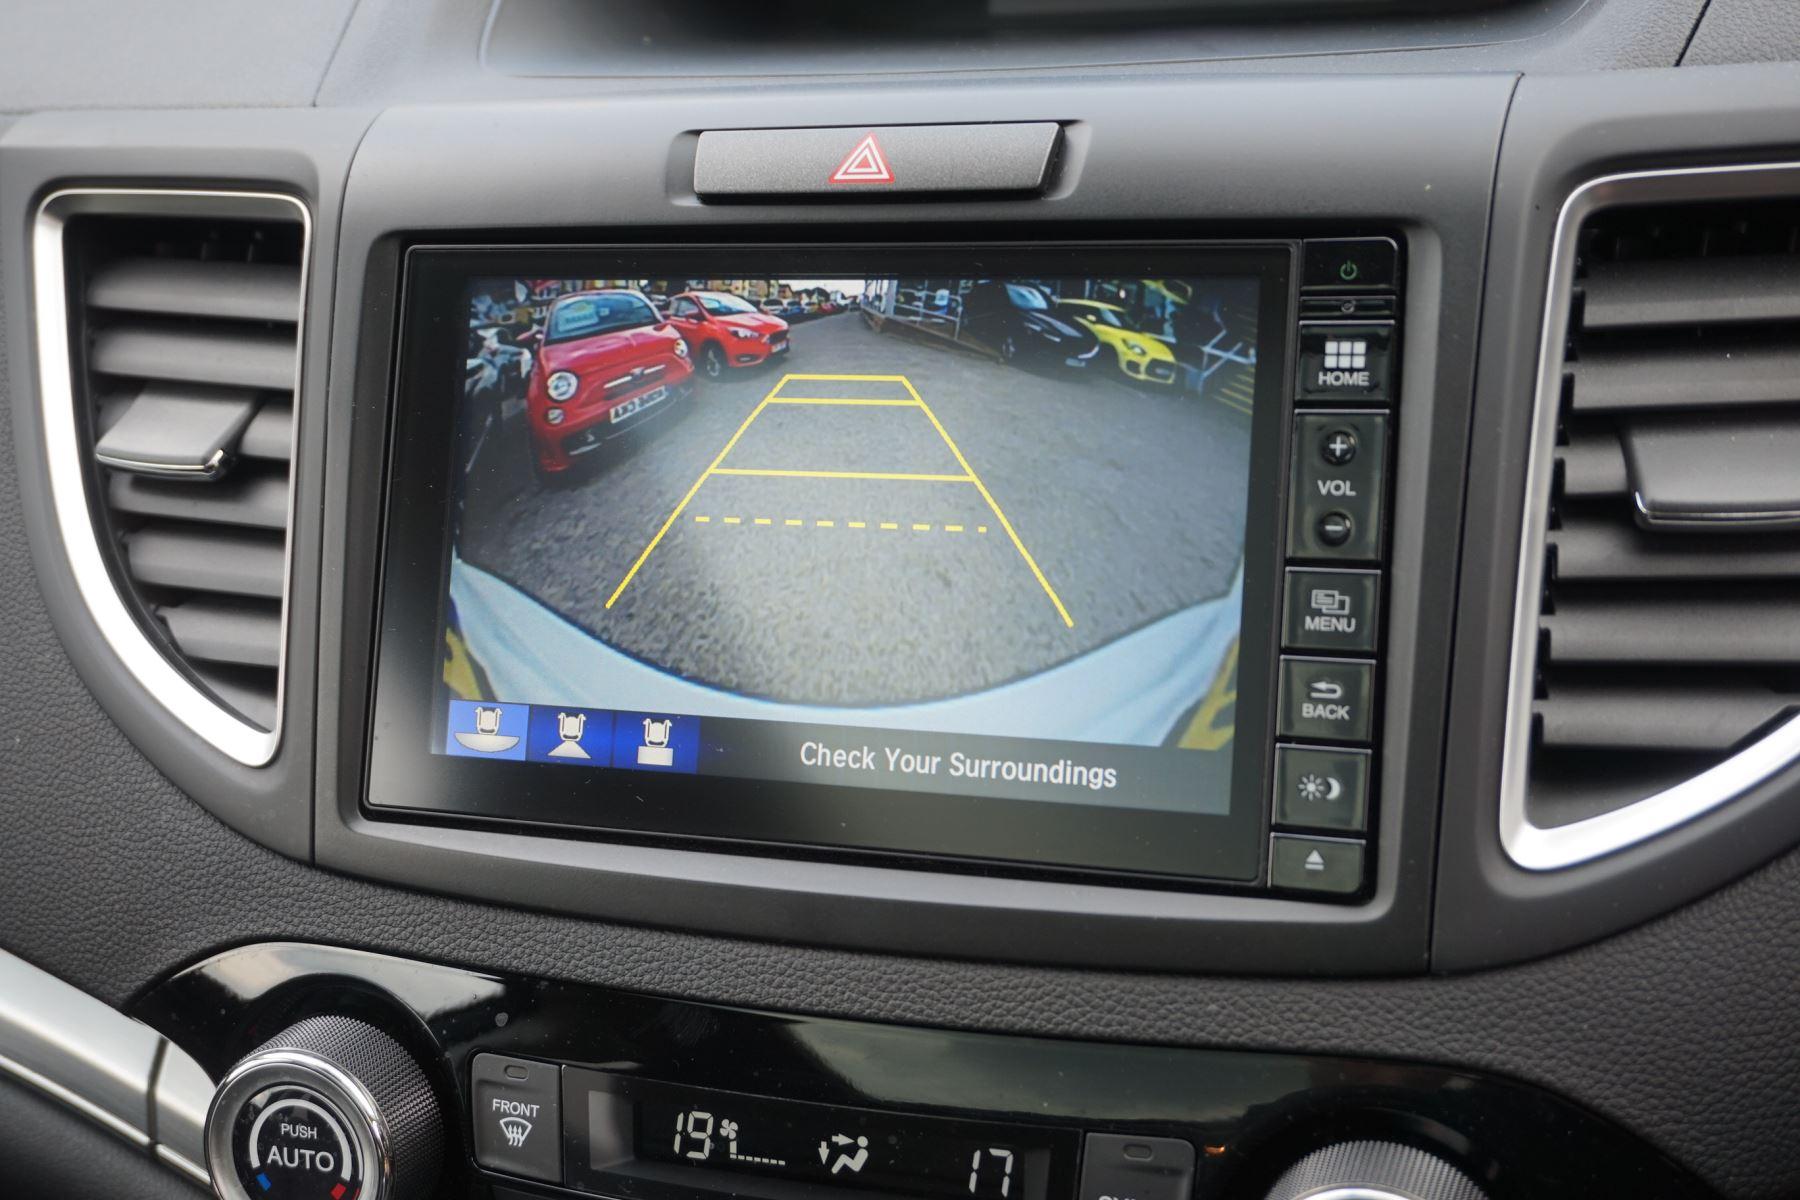 Honda CR-V 2.0 i-VTEC EX 5dr image 22